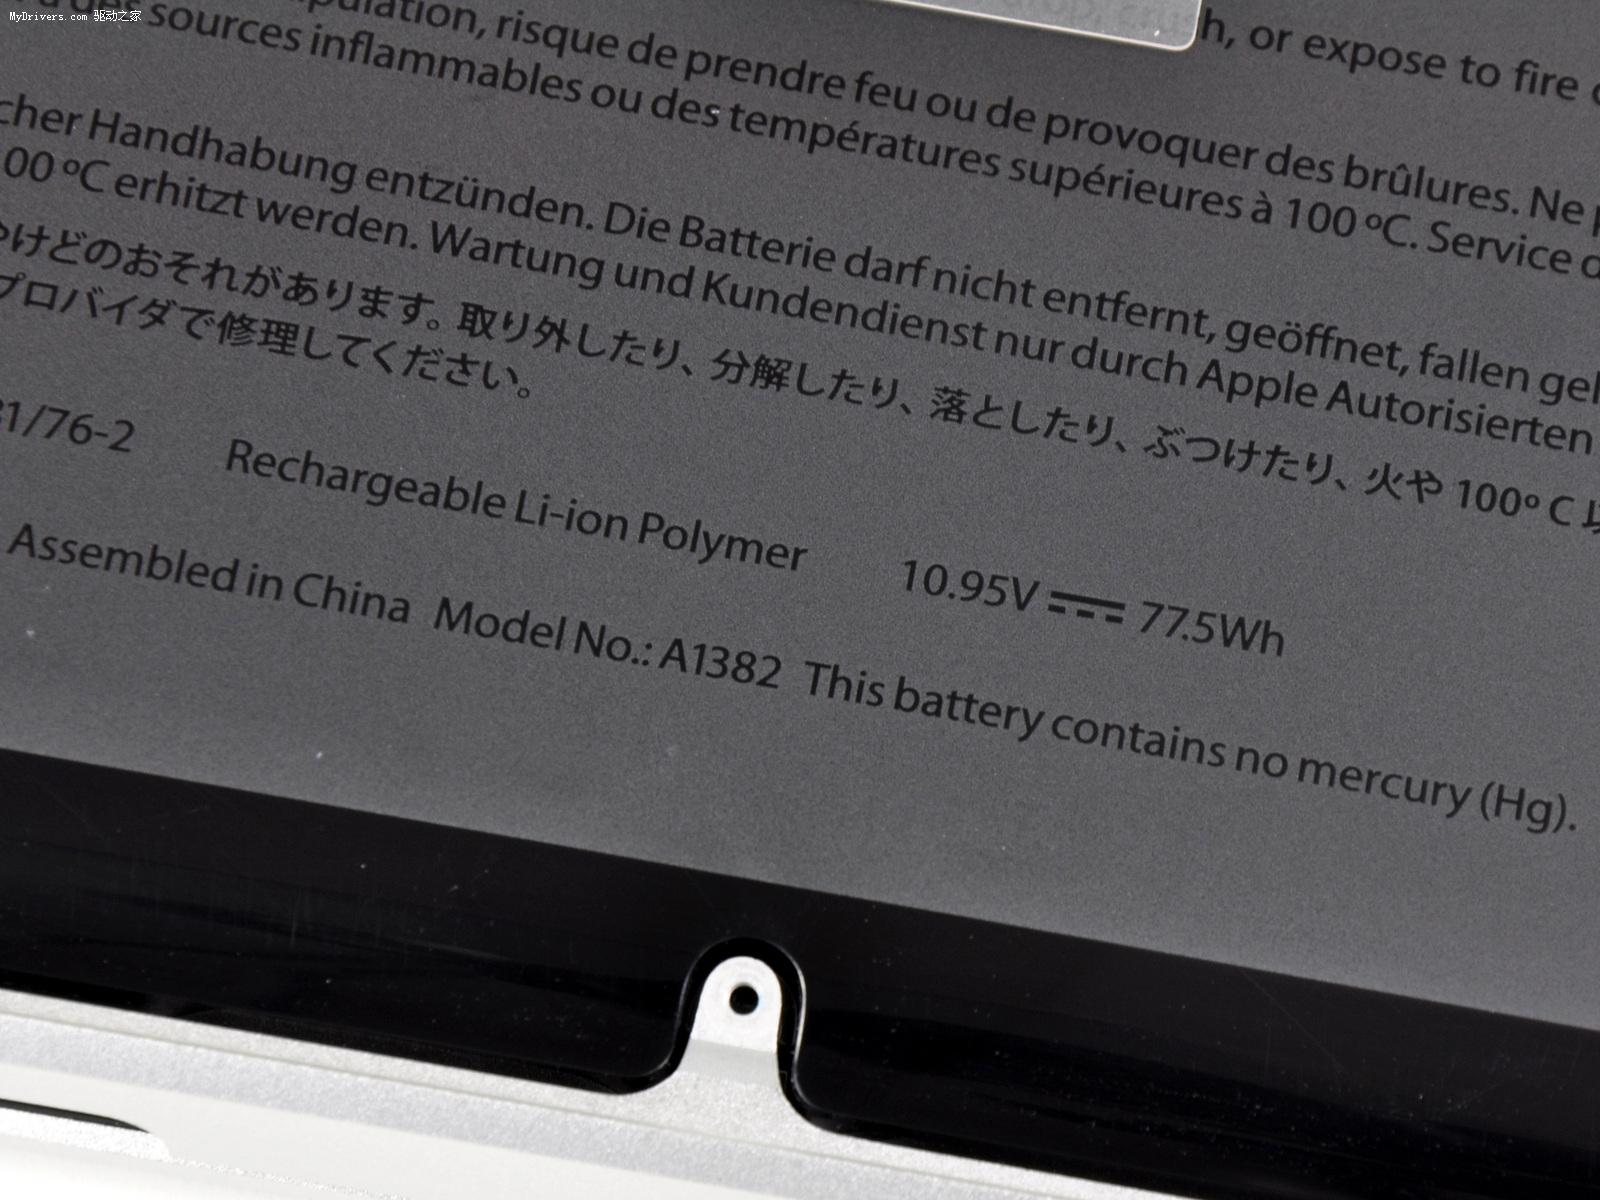 苹果/除升级Sandy Bridge外,新机的内存也统一升级到DDR3 1333...